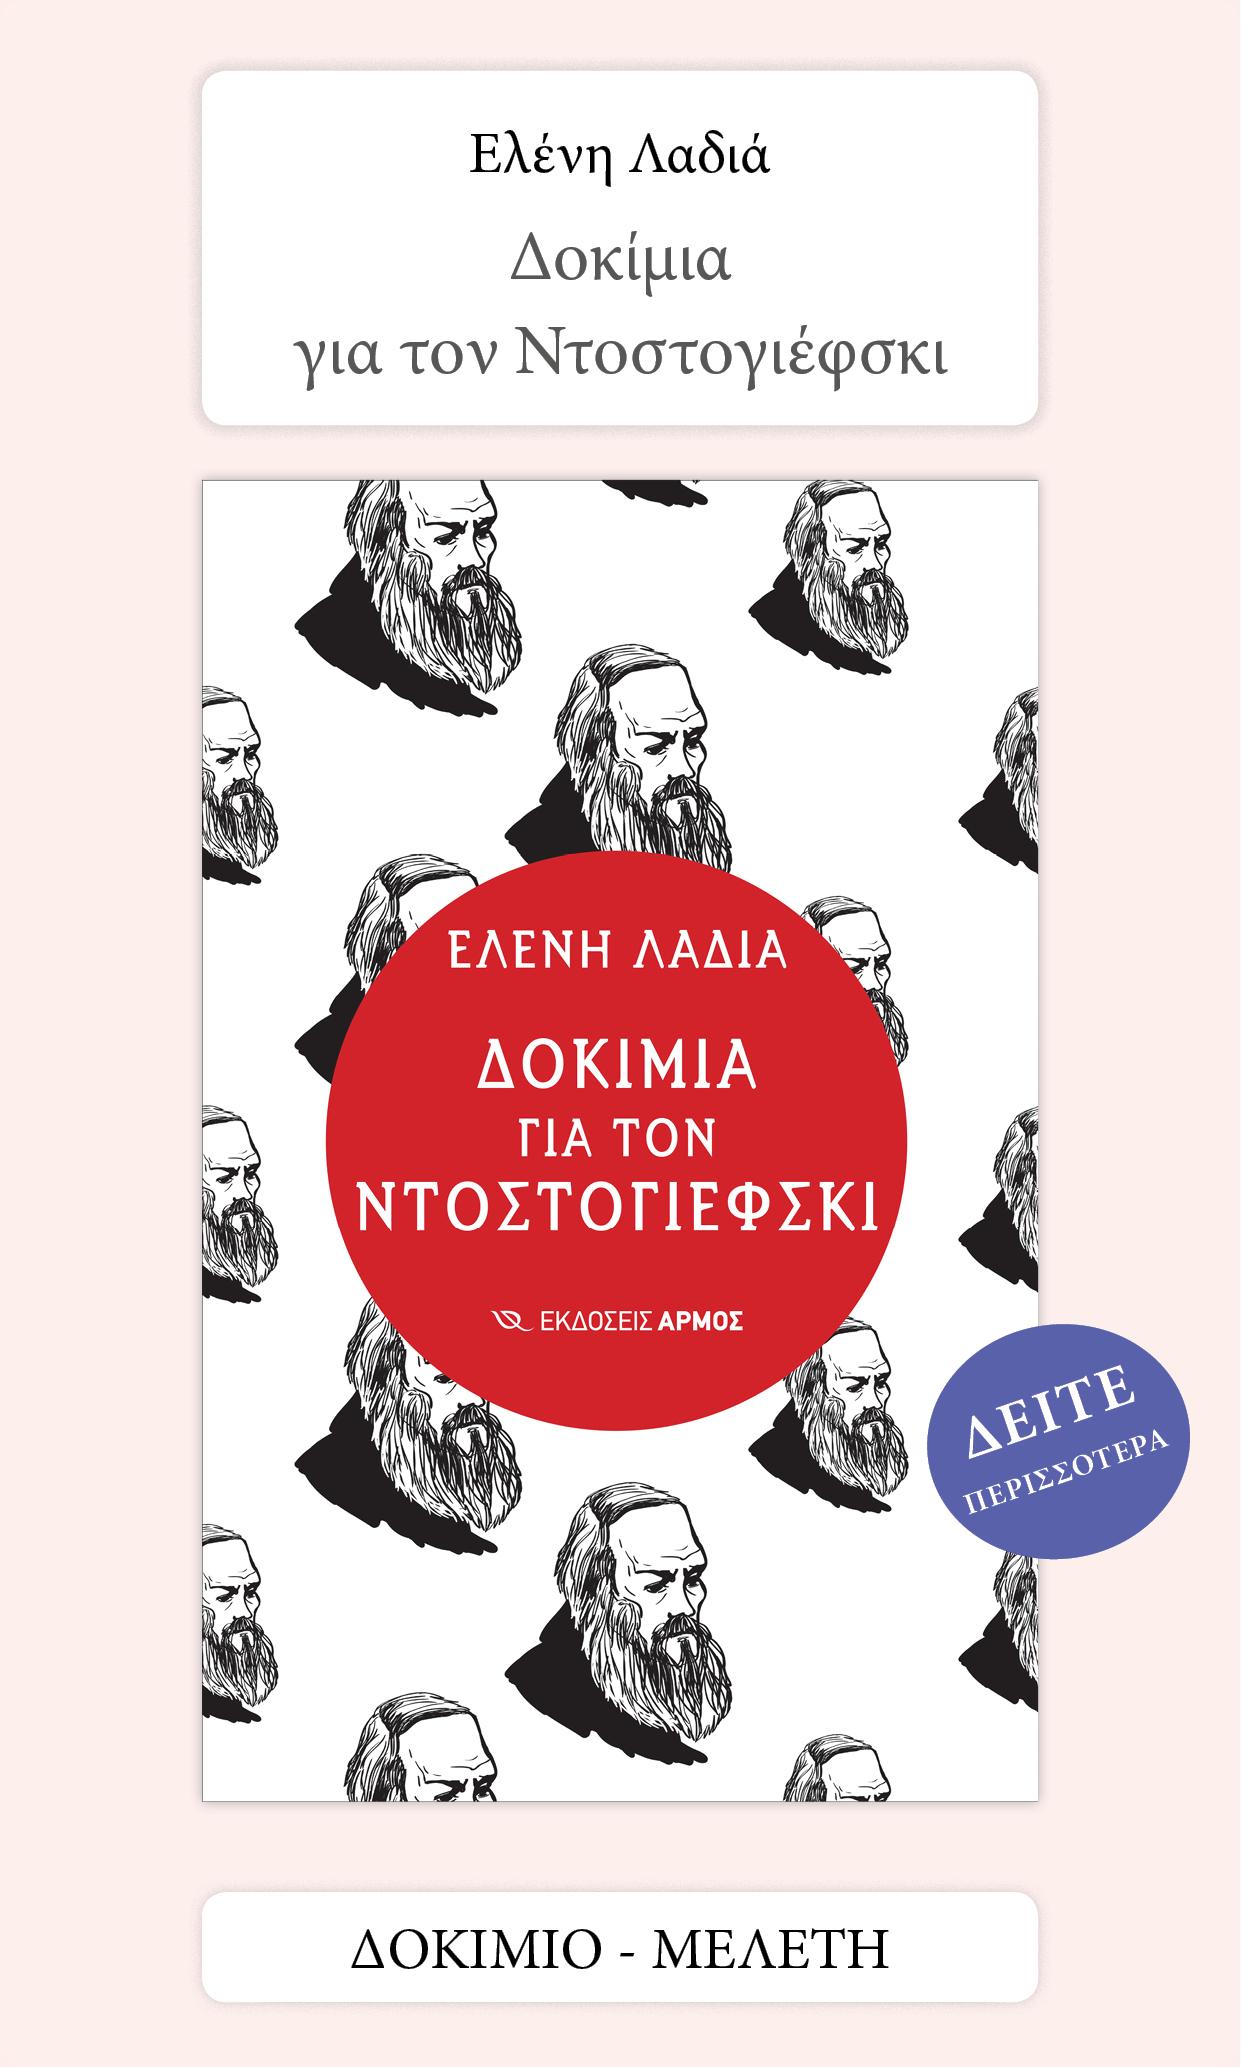 εκδόσεις Αρμός βιβλία μένουμε σπίτι δοκιμια για τον ντοστογιεφσκι